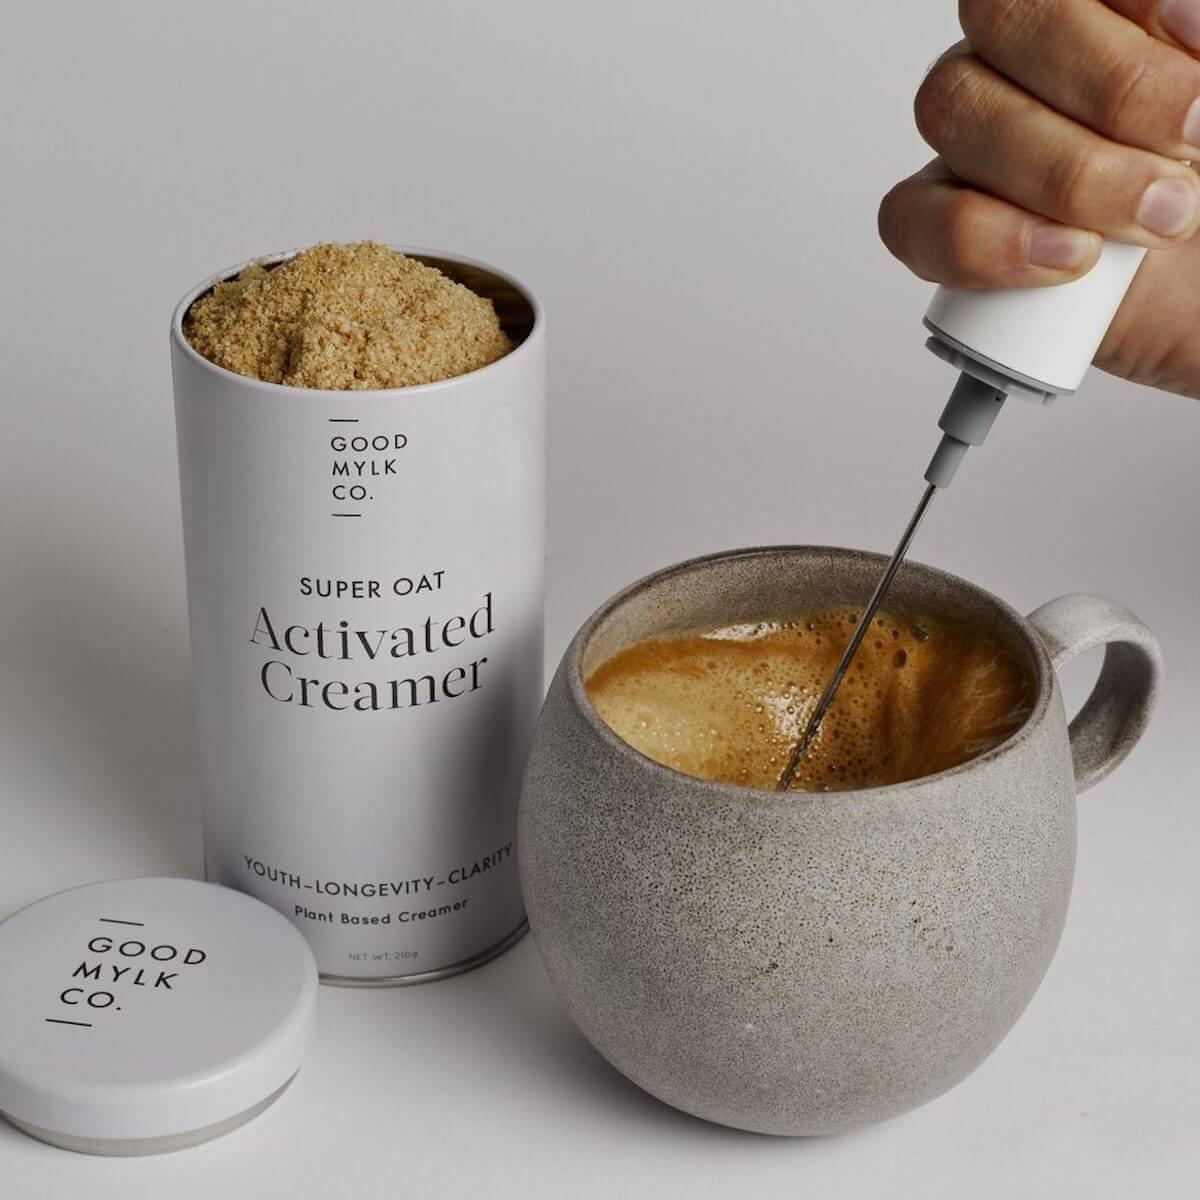 goodmylk super oat activated creamer